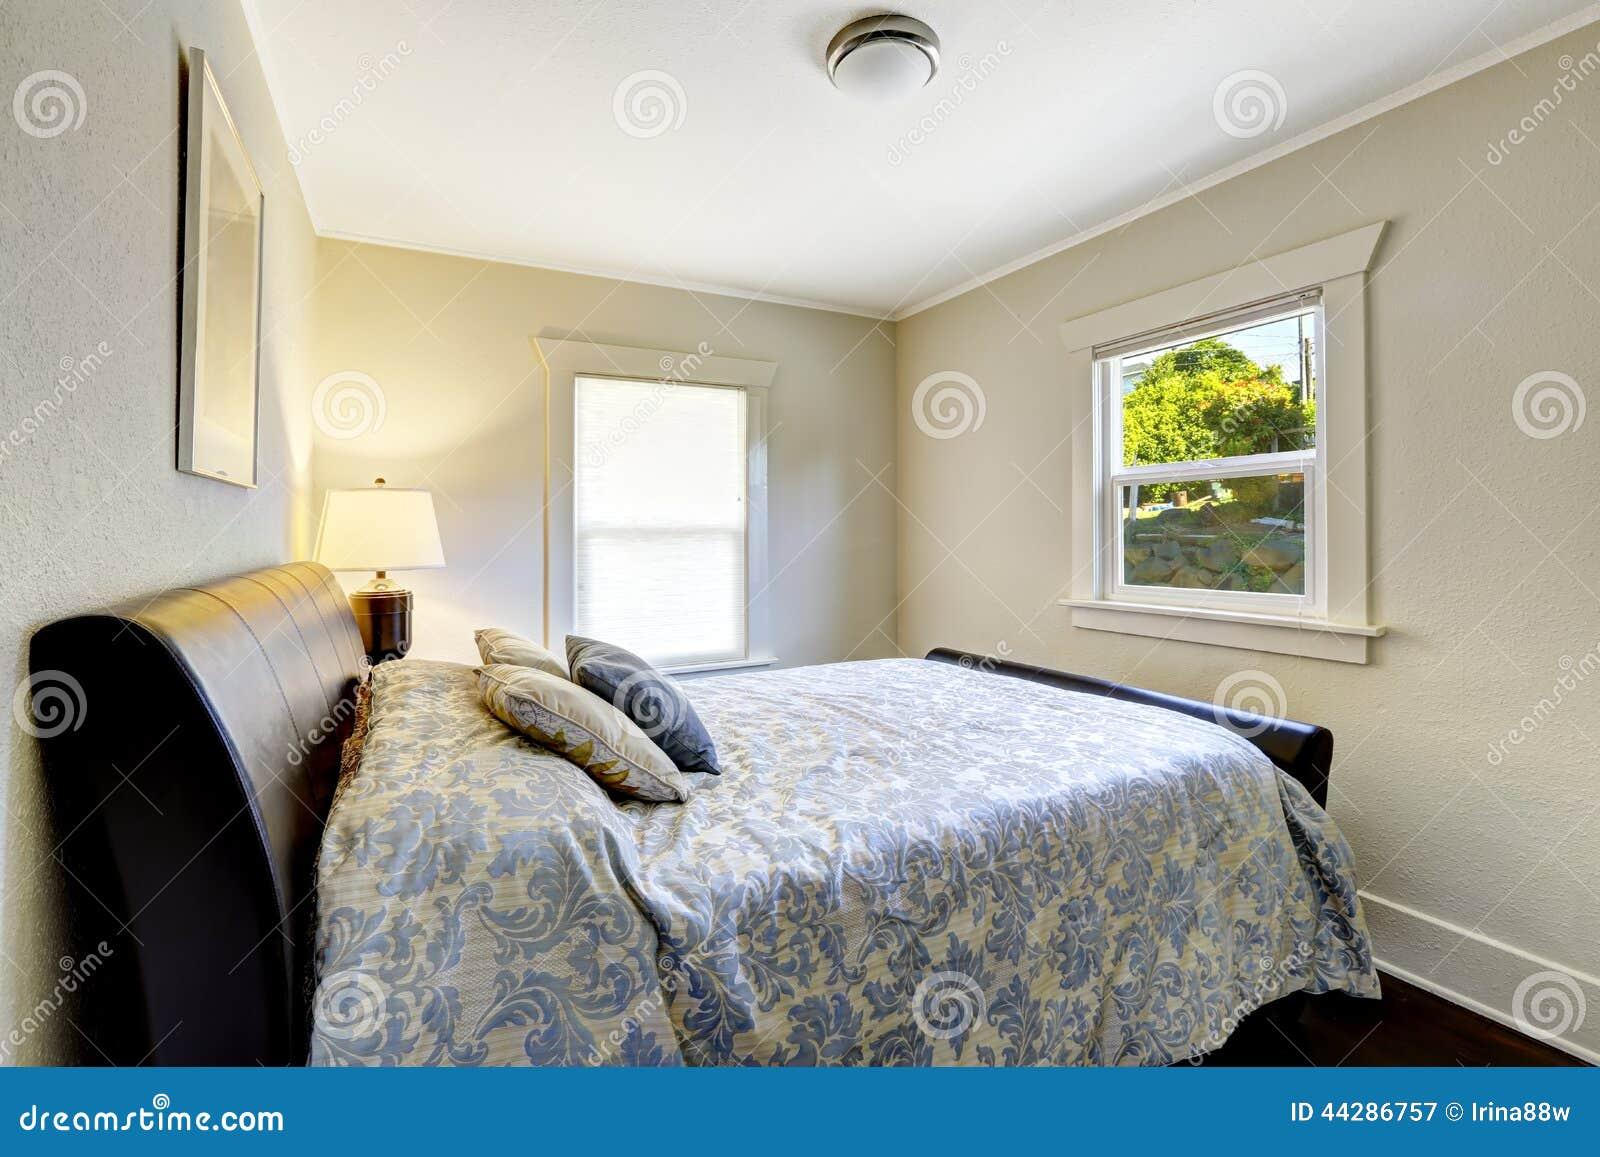 Kleine Slaapkamer Met Modern Zwart Bed Stock Foto - Afbeelding ...